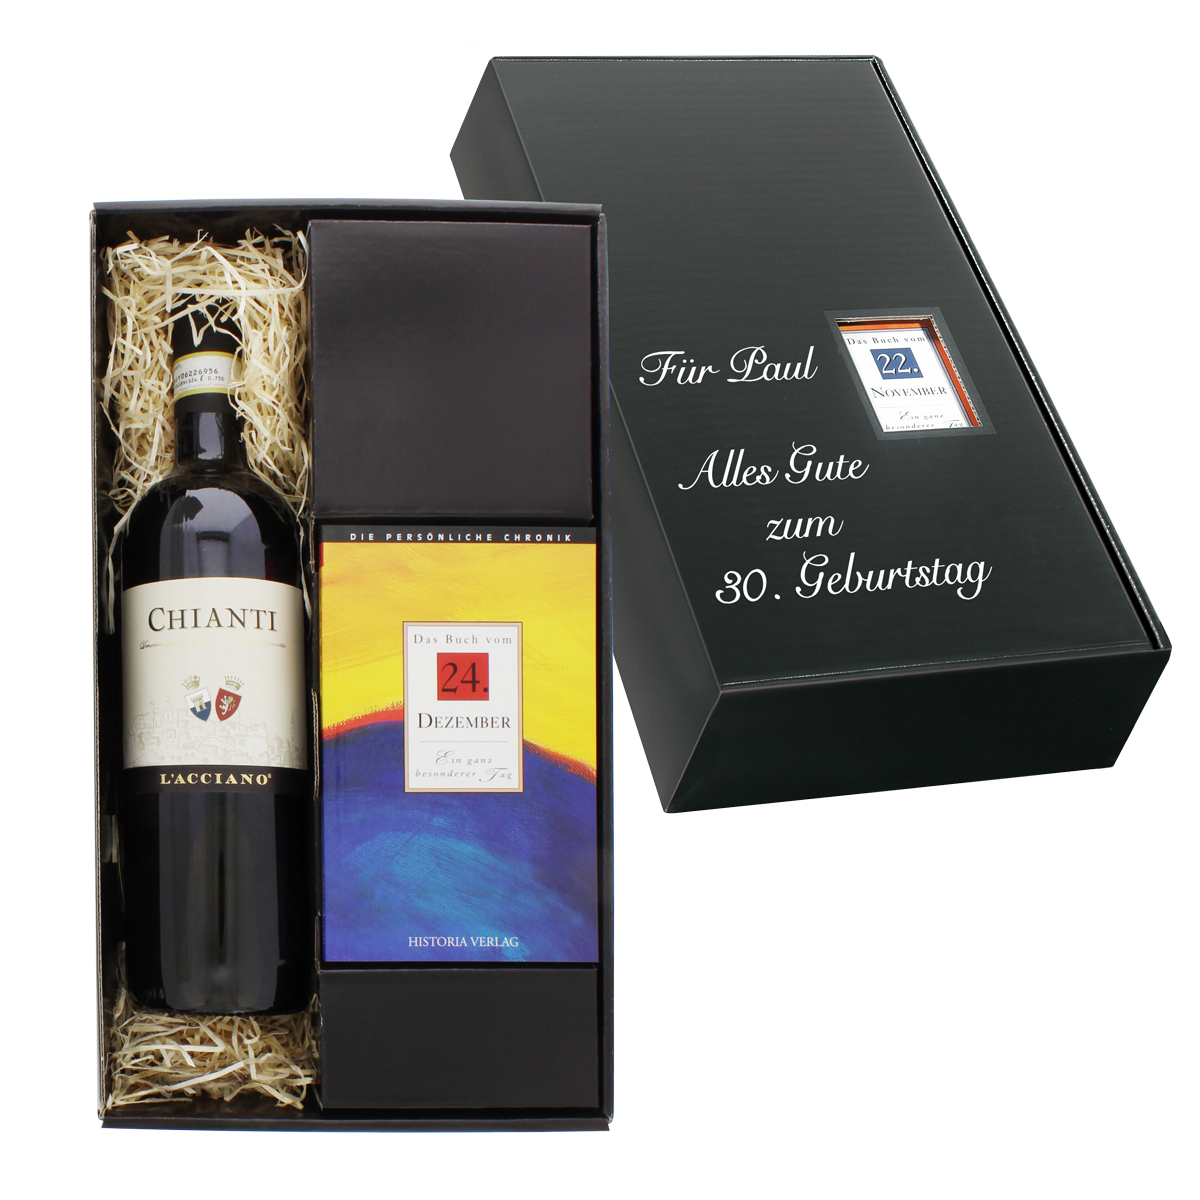 Italien-Set: Tageschronik vom 1. M?rz & Chianti-Wein